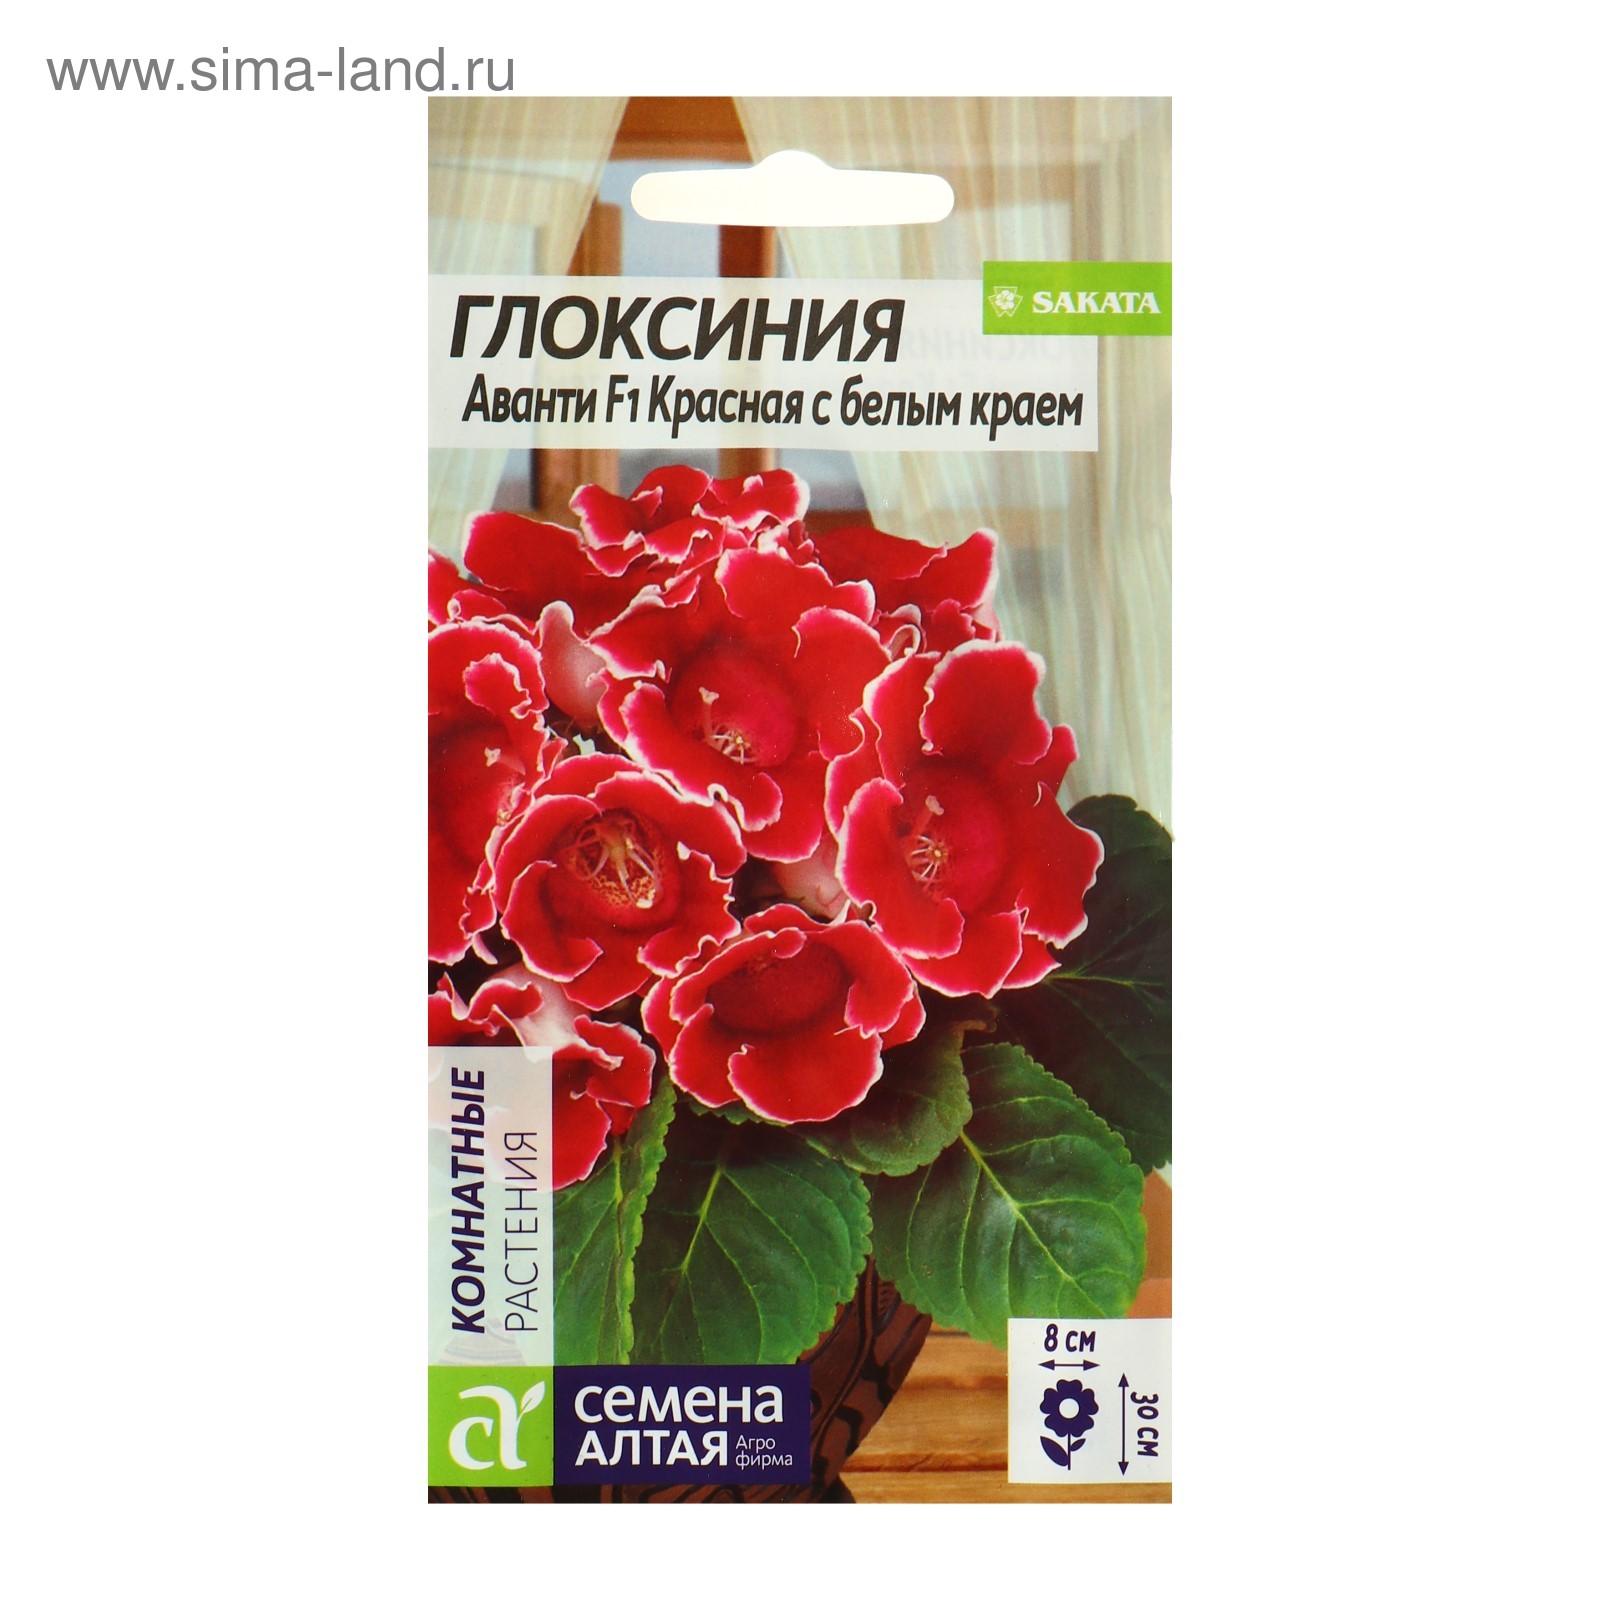 Семена комнатных и экзотических растений купить почтой в 98